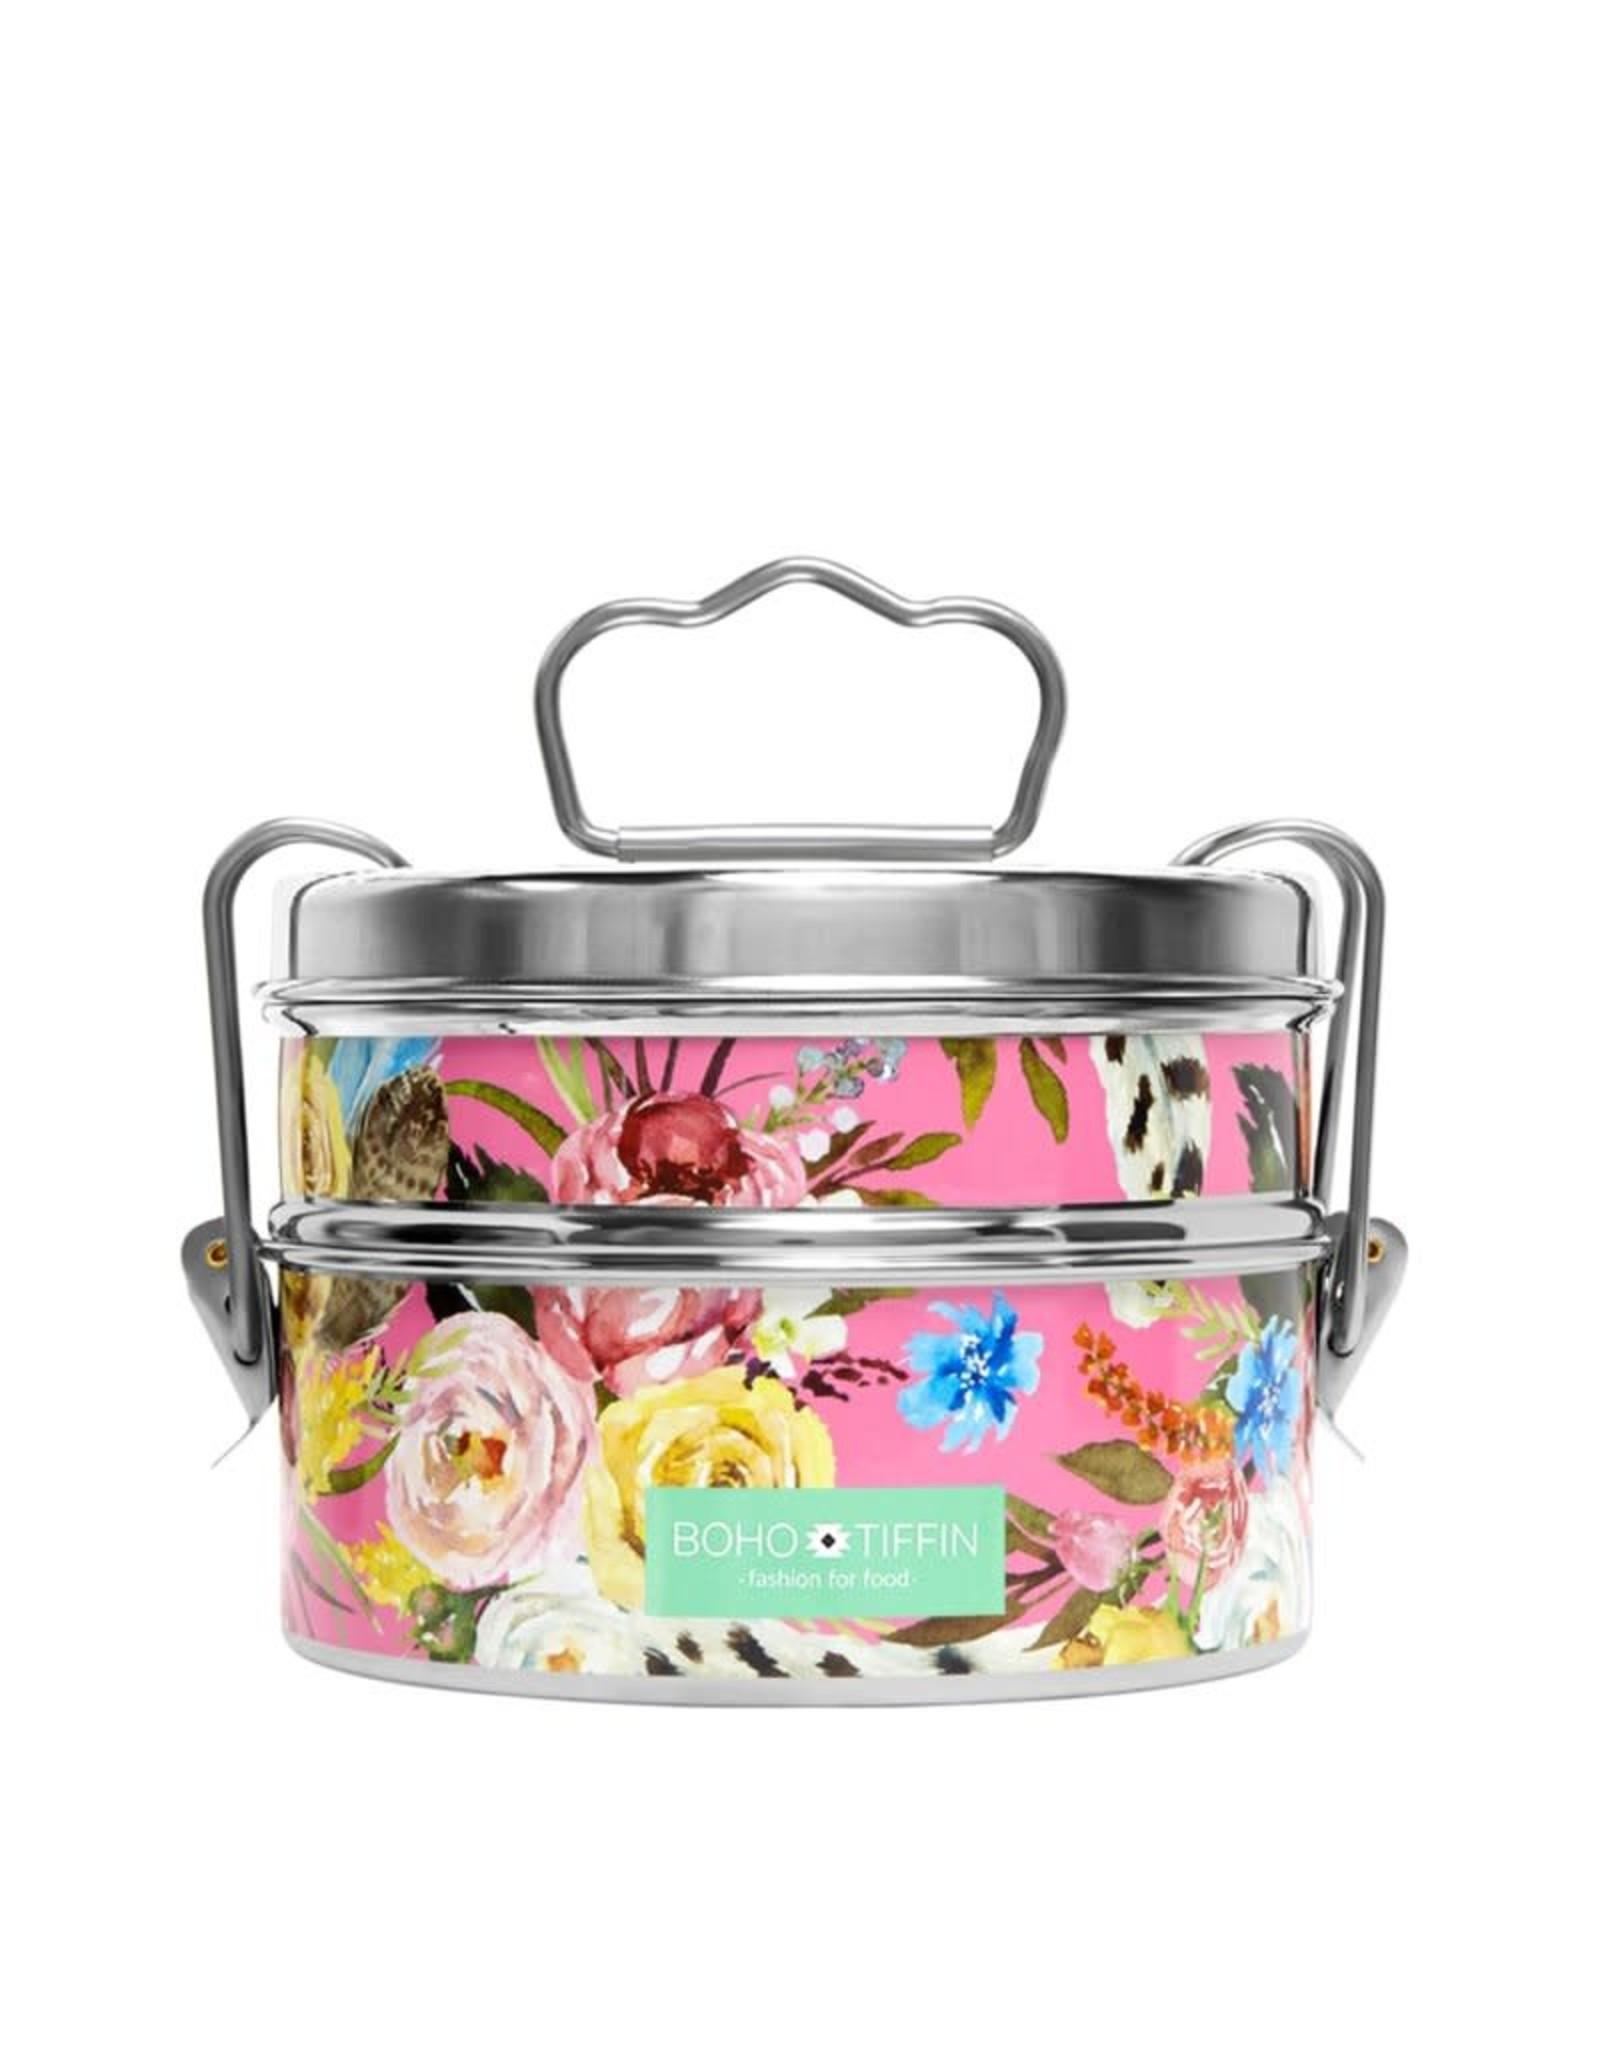 Boho-Tiffin Rosie Salad